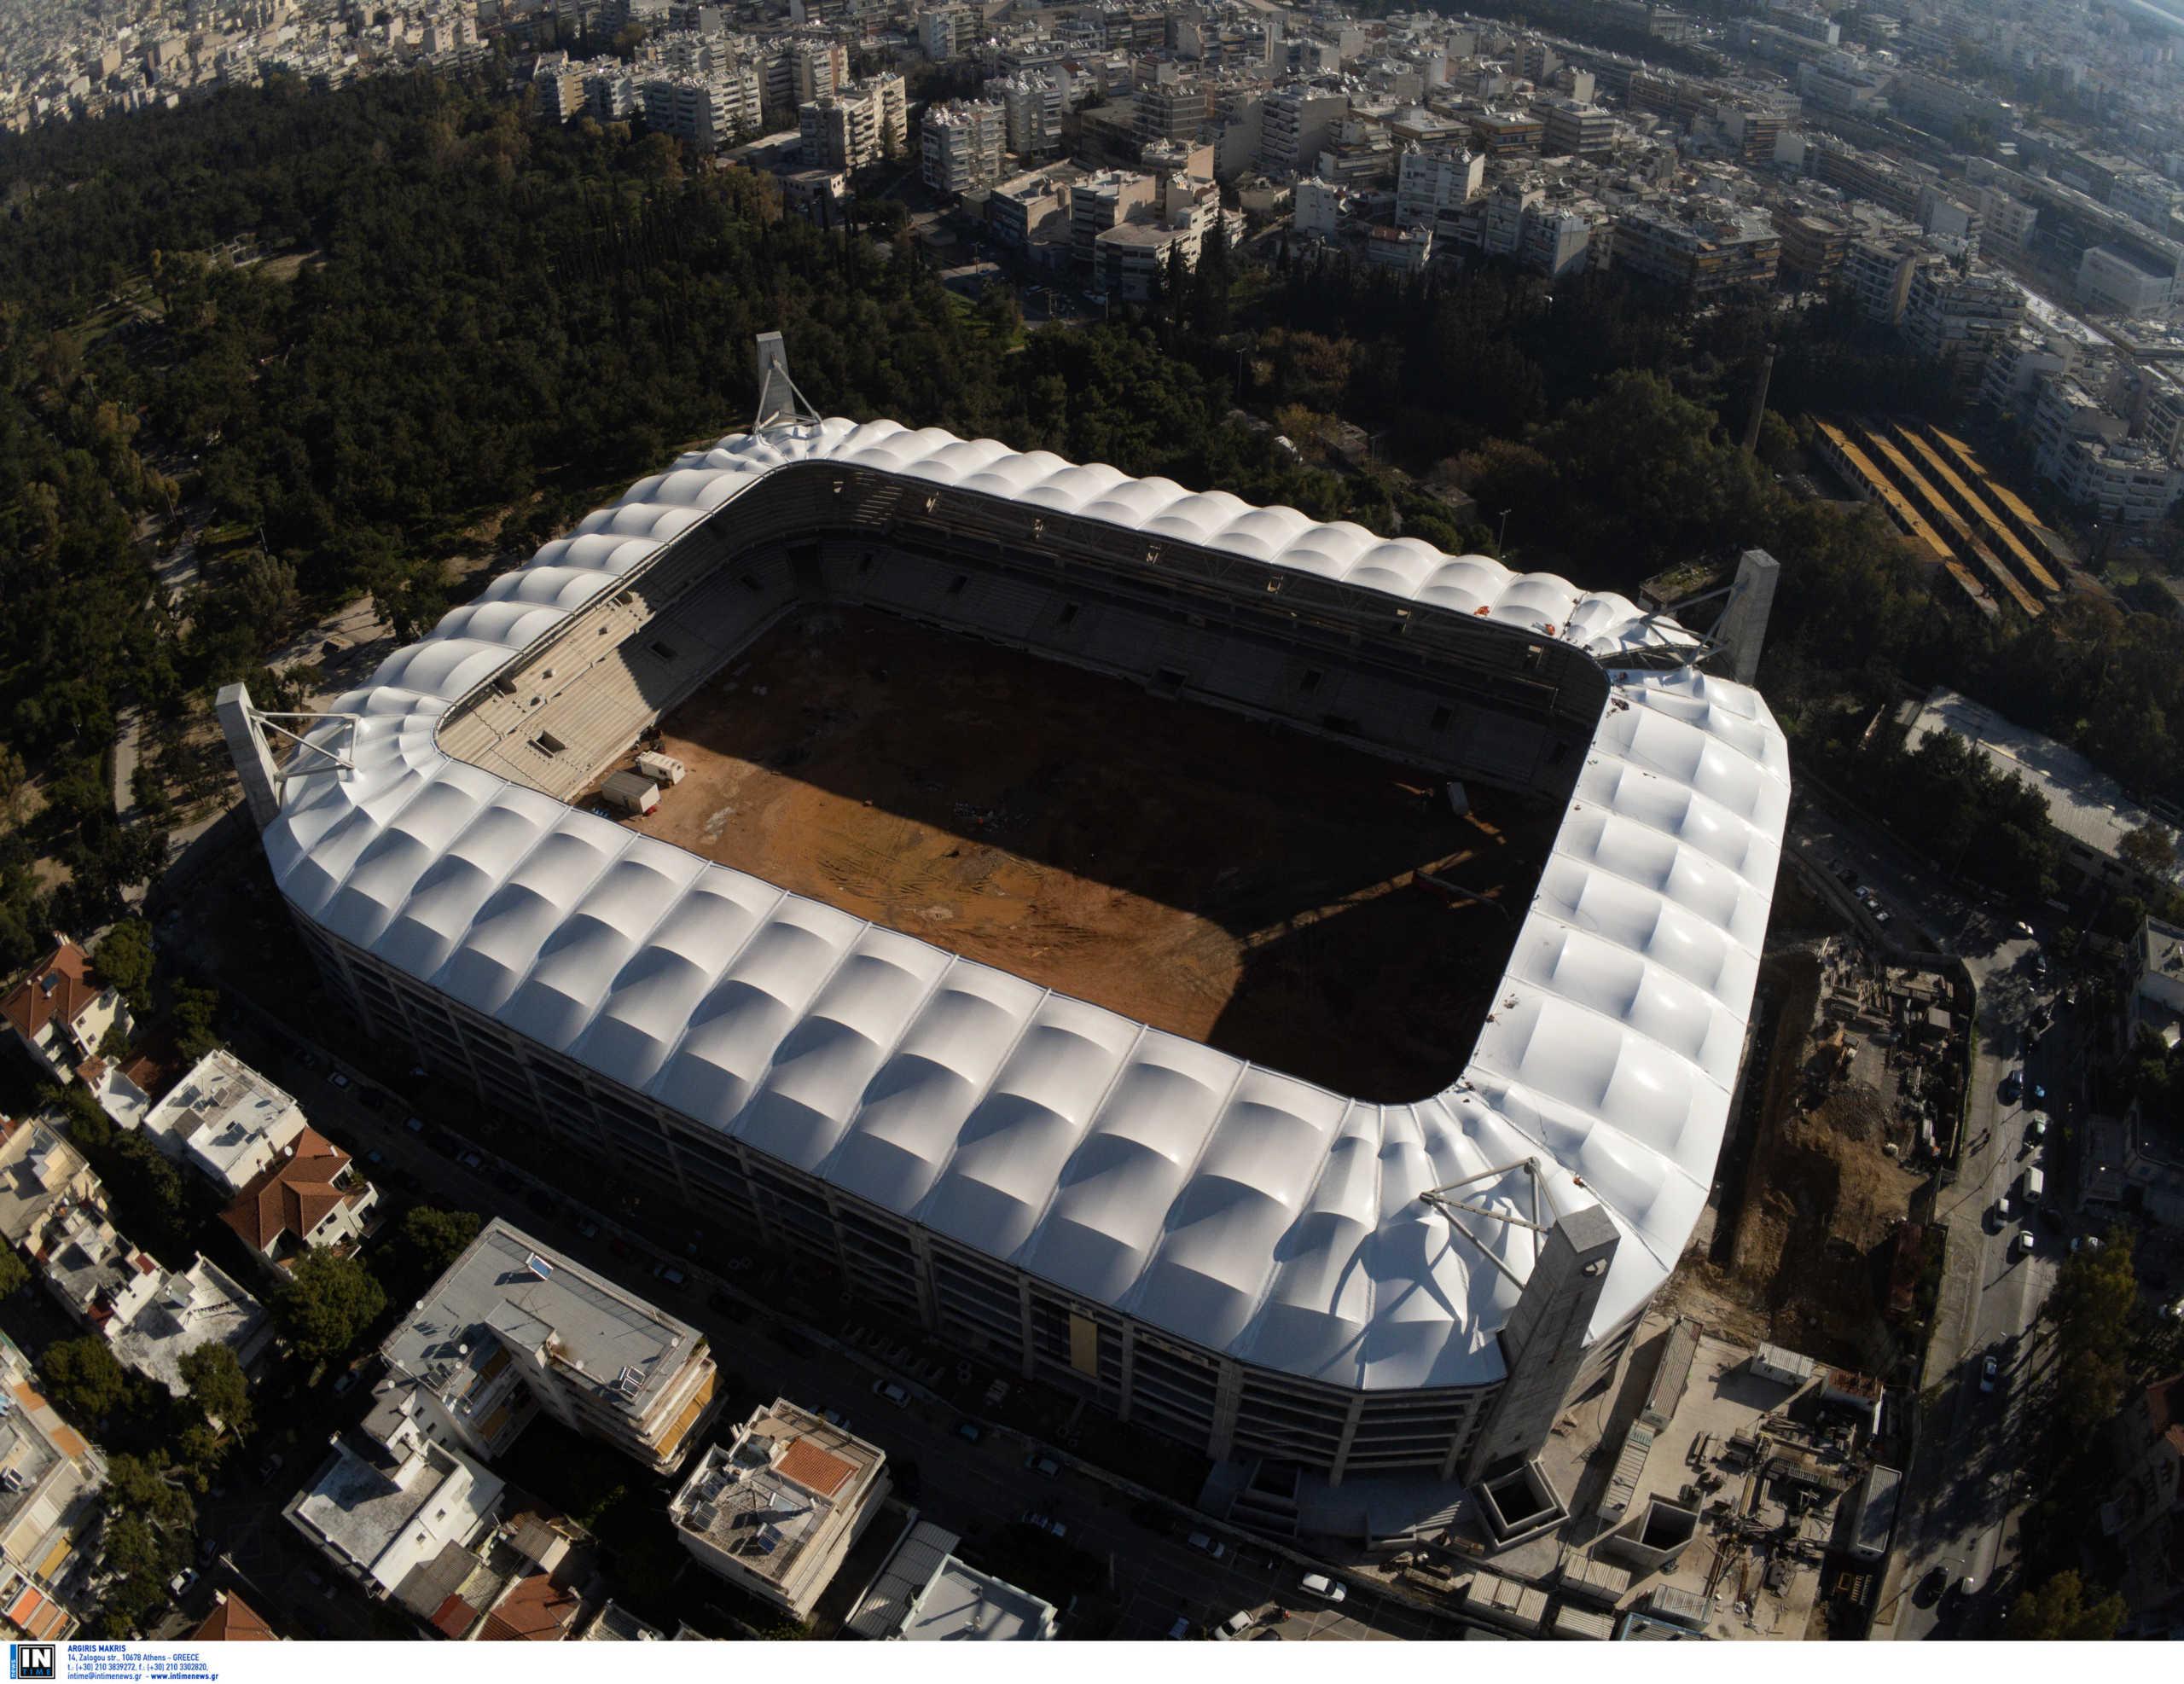 Γήπεδο ΑΕΚ: «Έτοιμο για το δεύτερο γύρο του πρωταθλήματος» είπε ο Βούρος